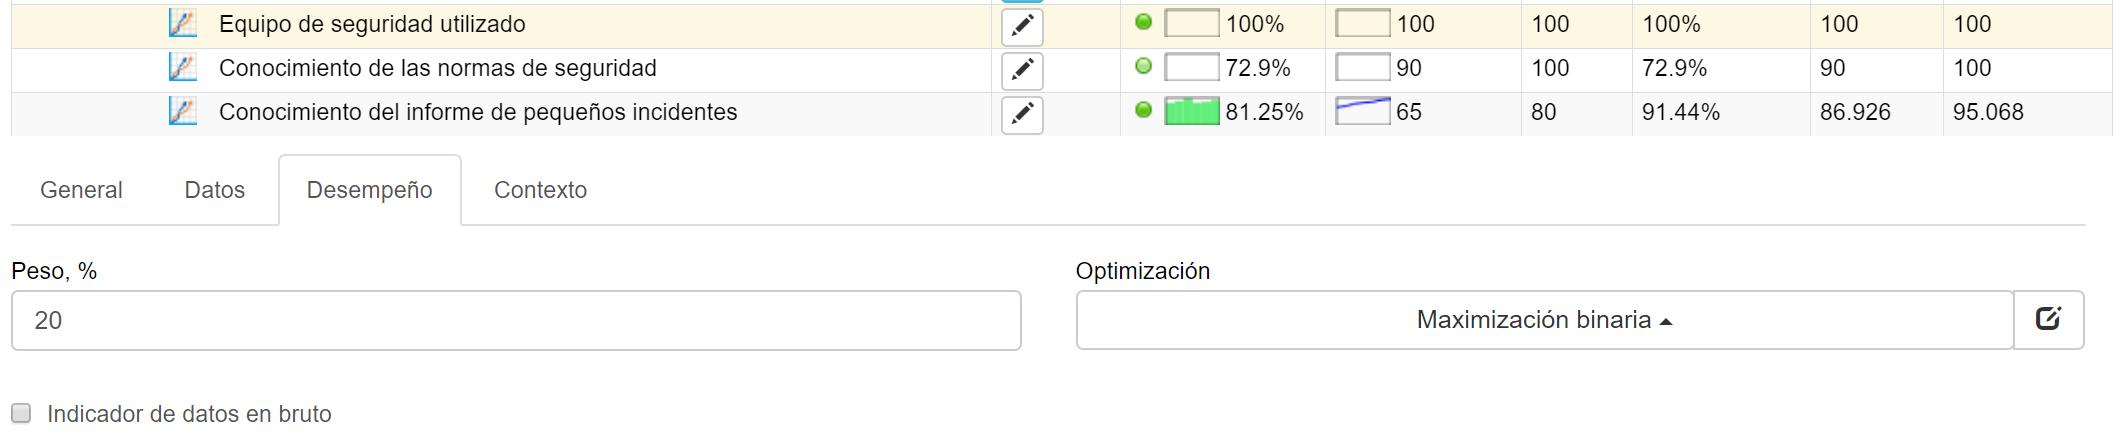 Optimización binaria para equipos de seguridad usando KPIs